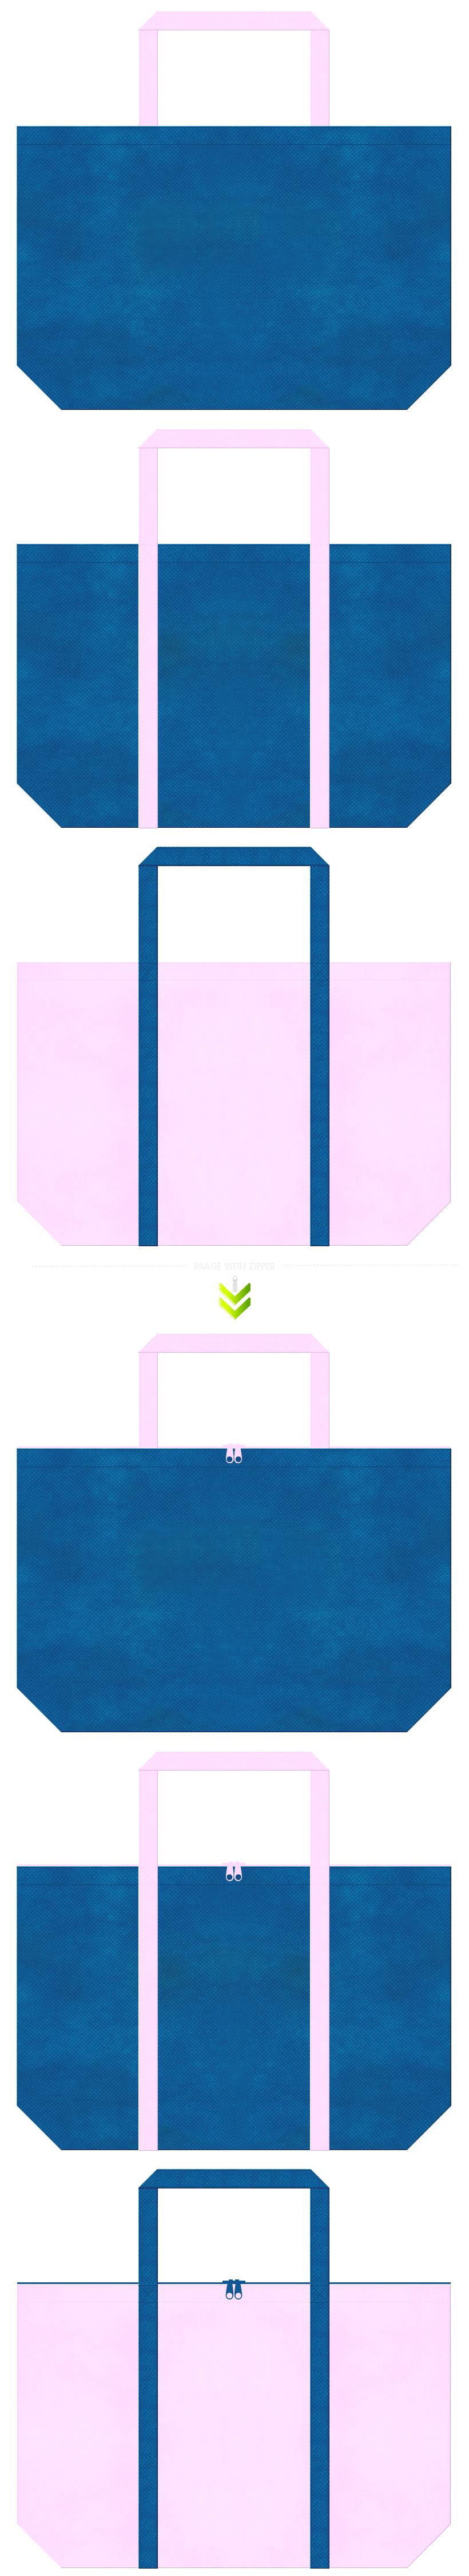 青色と明るいピンク色の不織布エコバッグのデザイン。